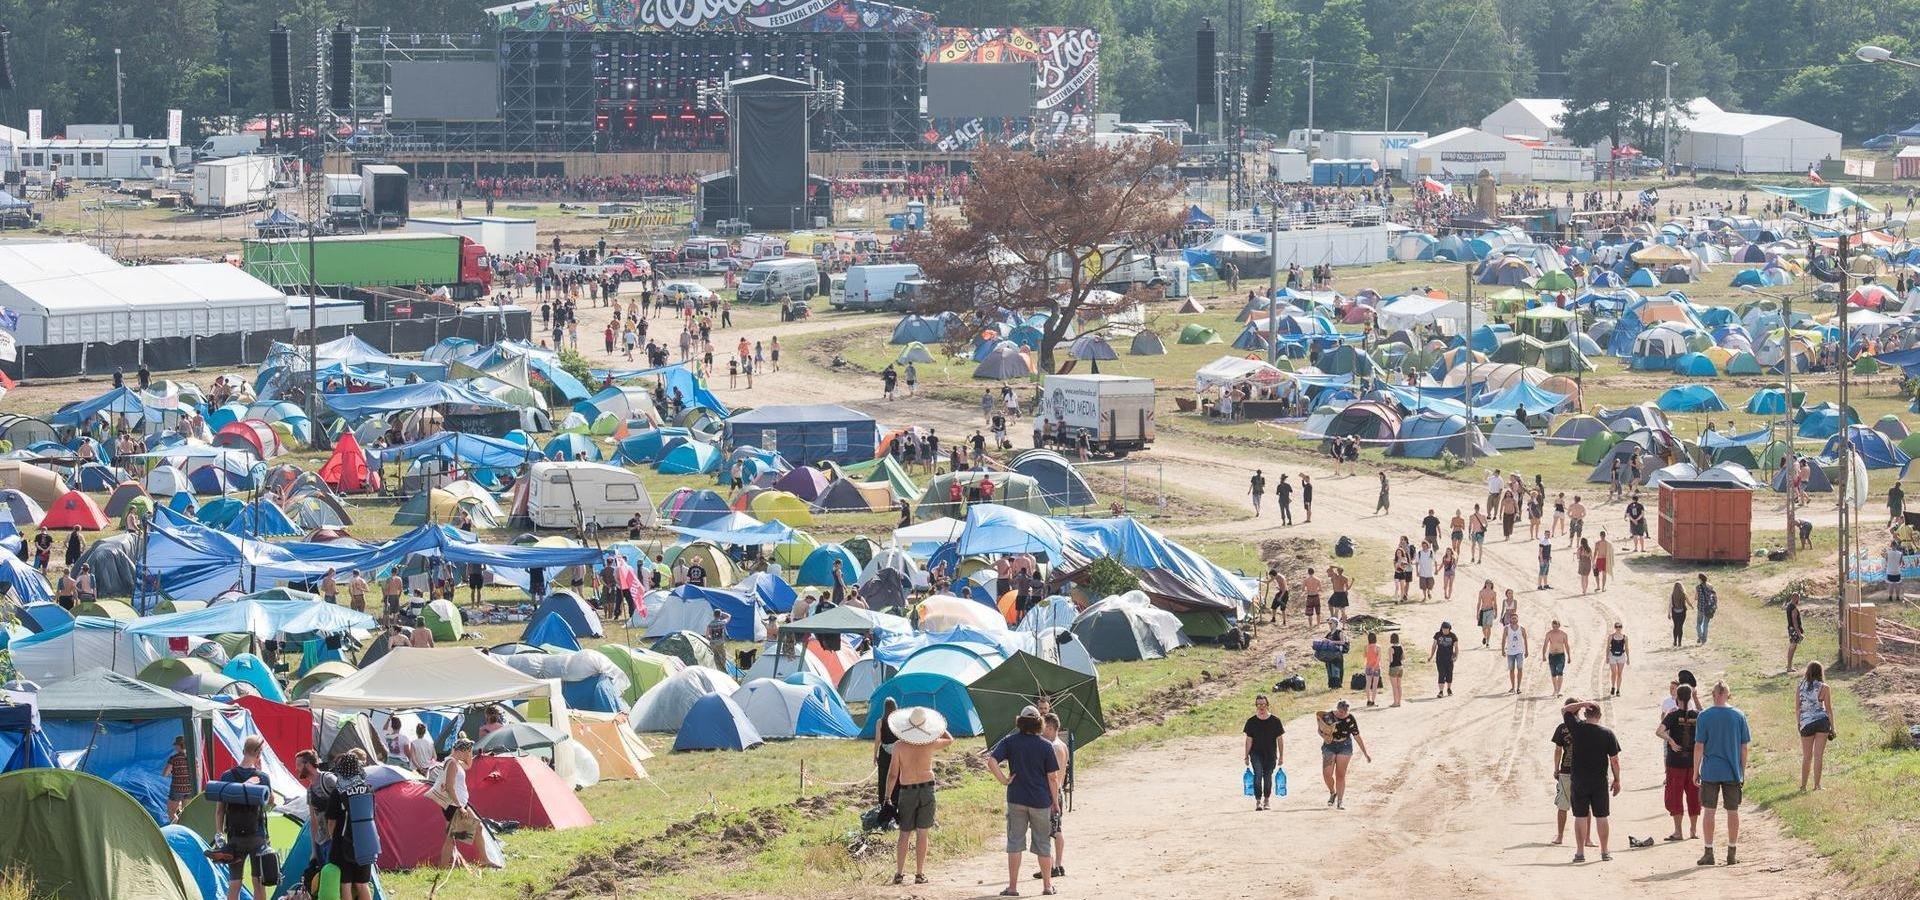 Nowe, ekologiczne rozwiązania na Pol'and'Rock Festival – Tork partnerem imprezy